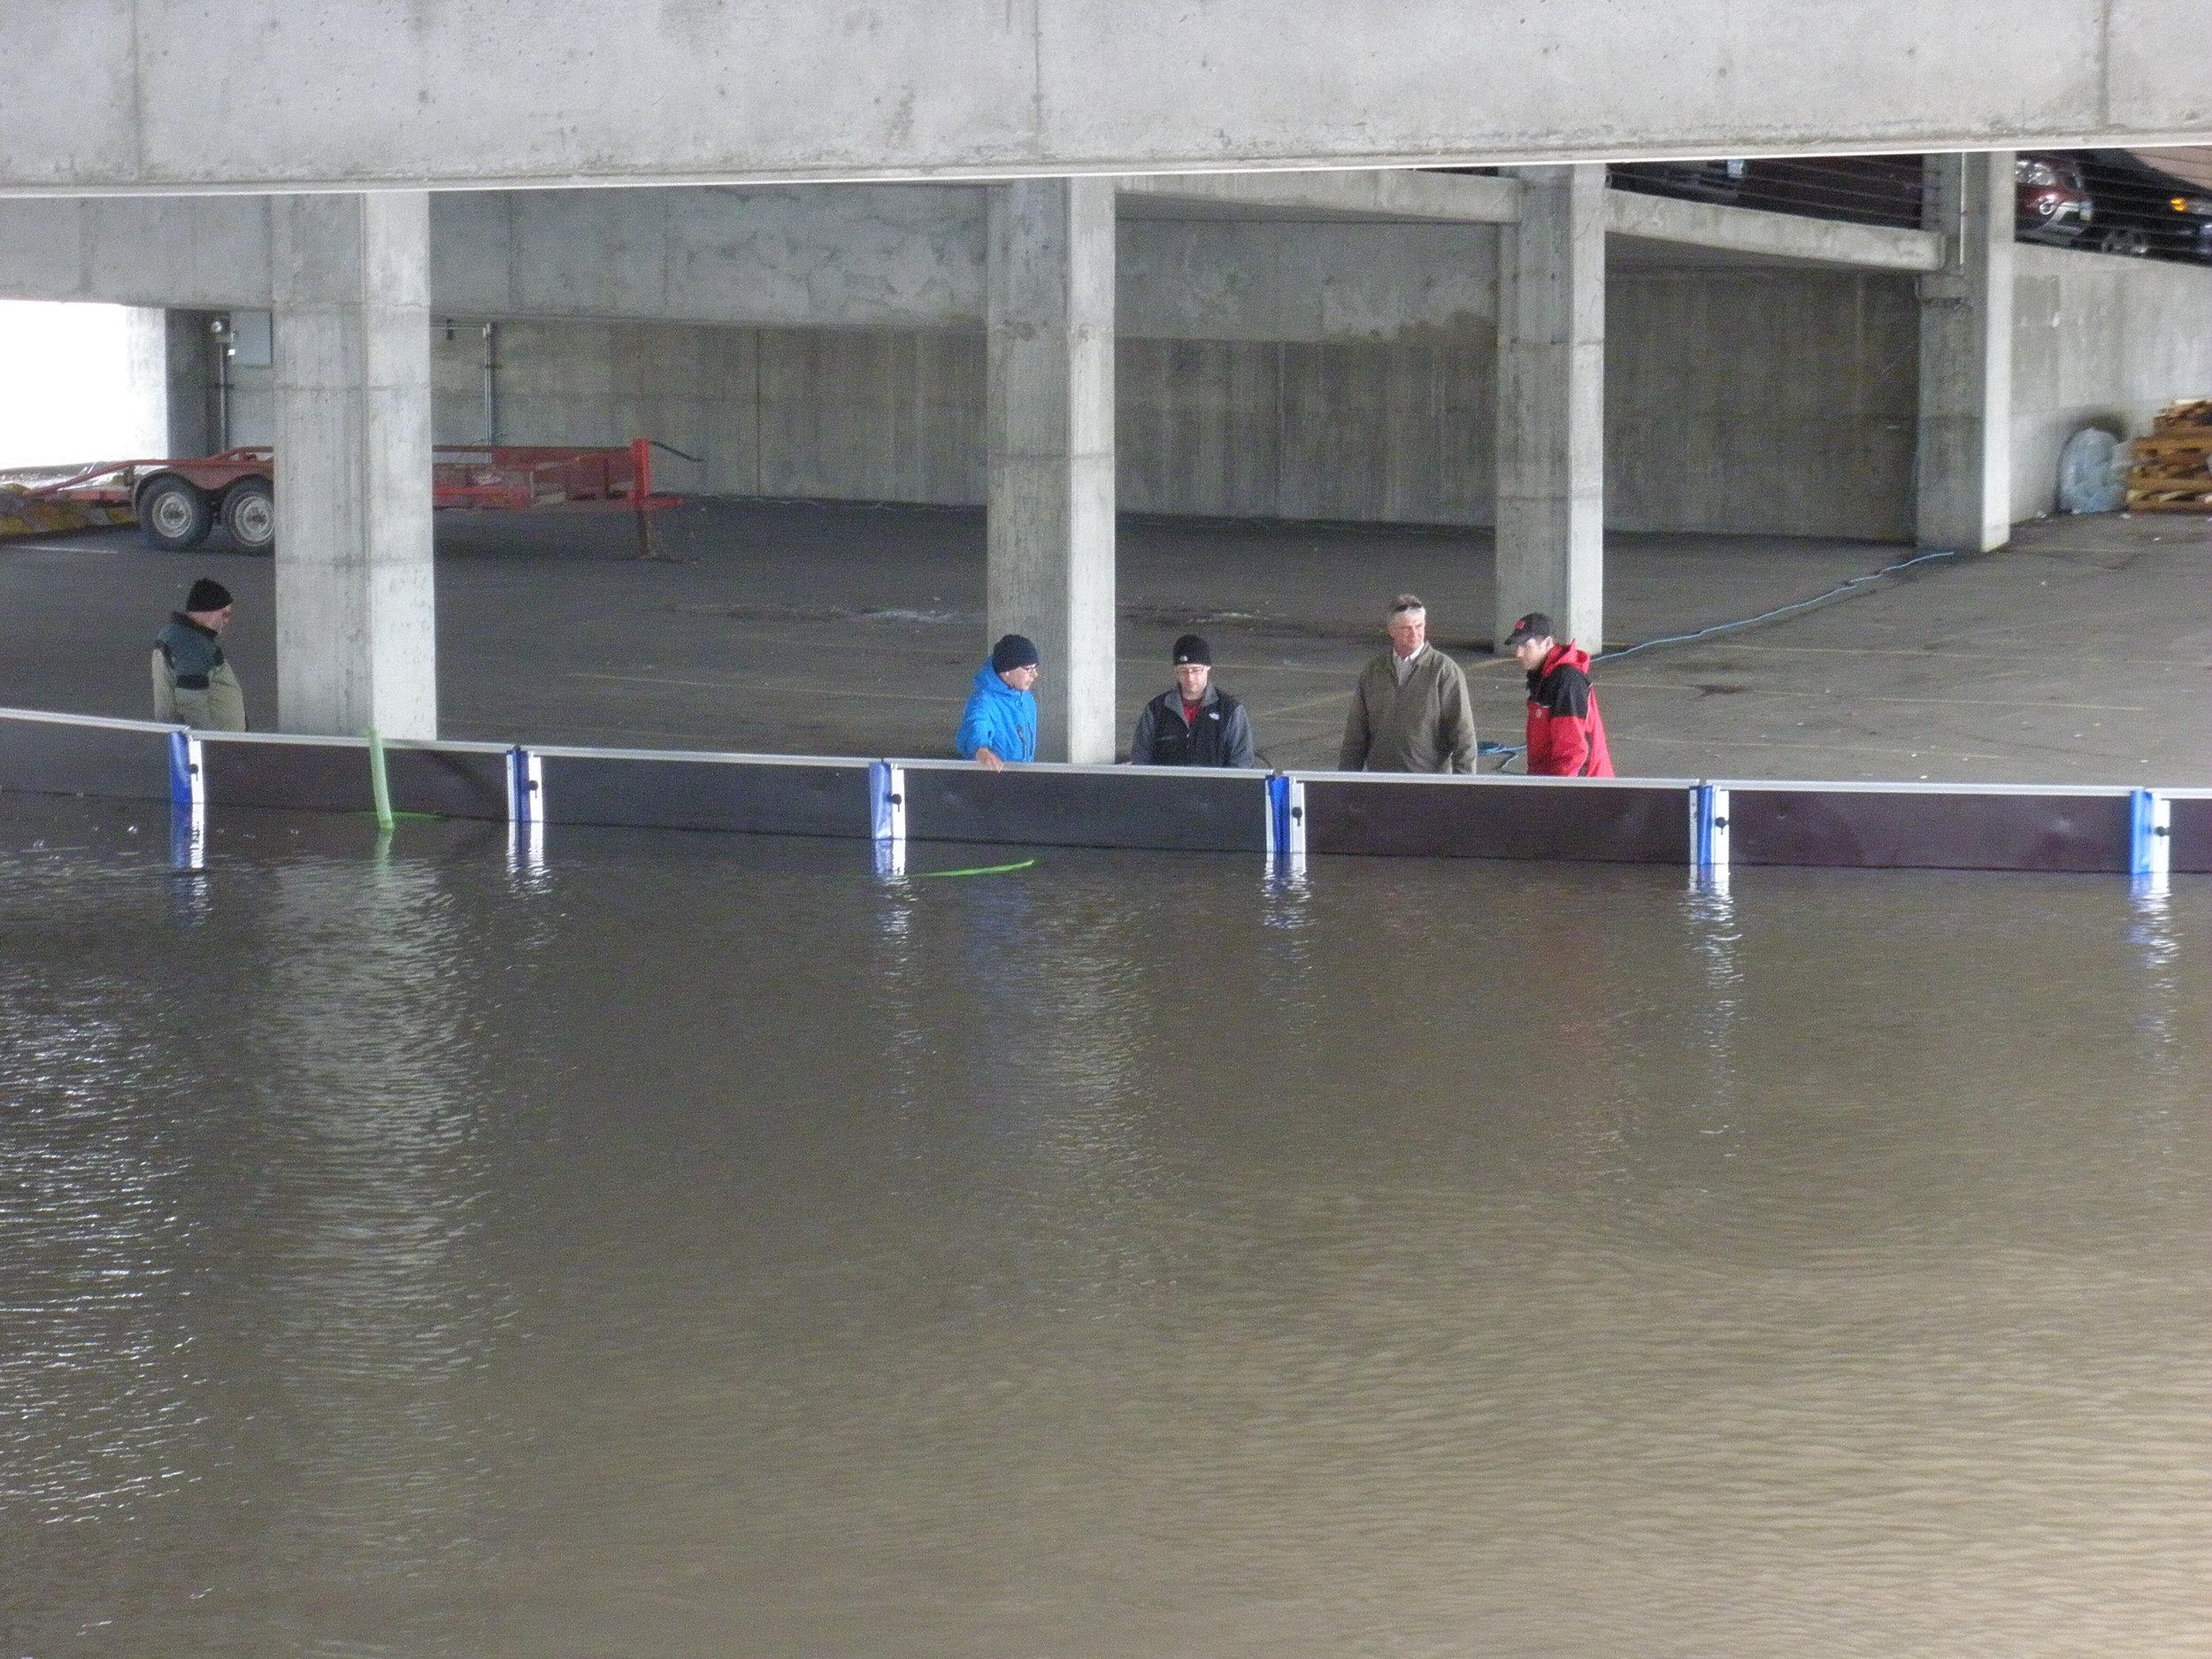 Mitigación de inundaciones desplegable   Otorgada certificación del máximo nivel para barreras contra inundaciones  - Perímetro - Aberturas - Edificio integrado -